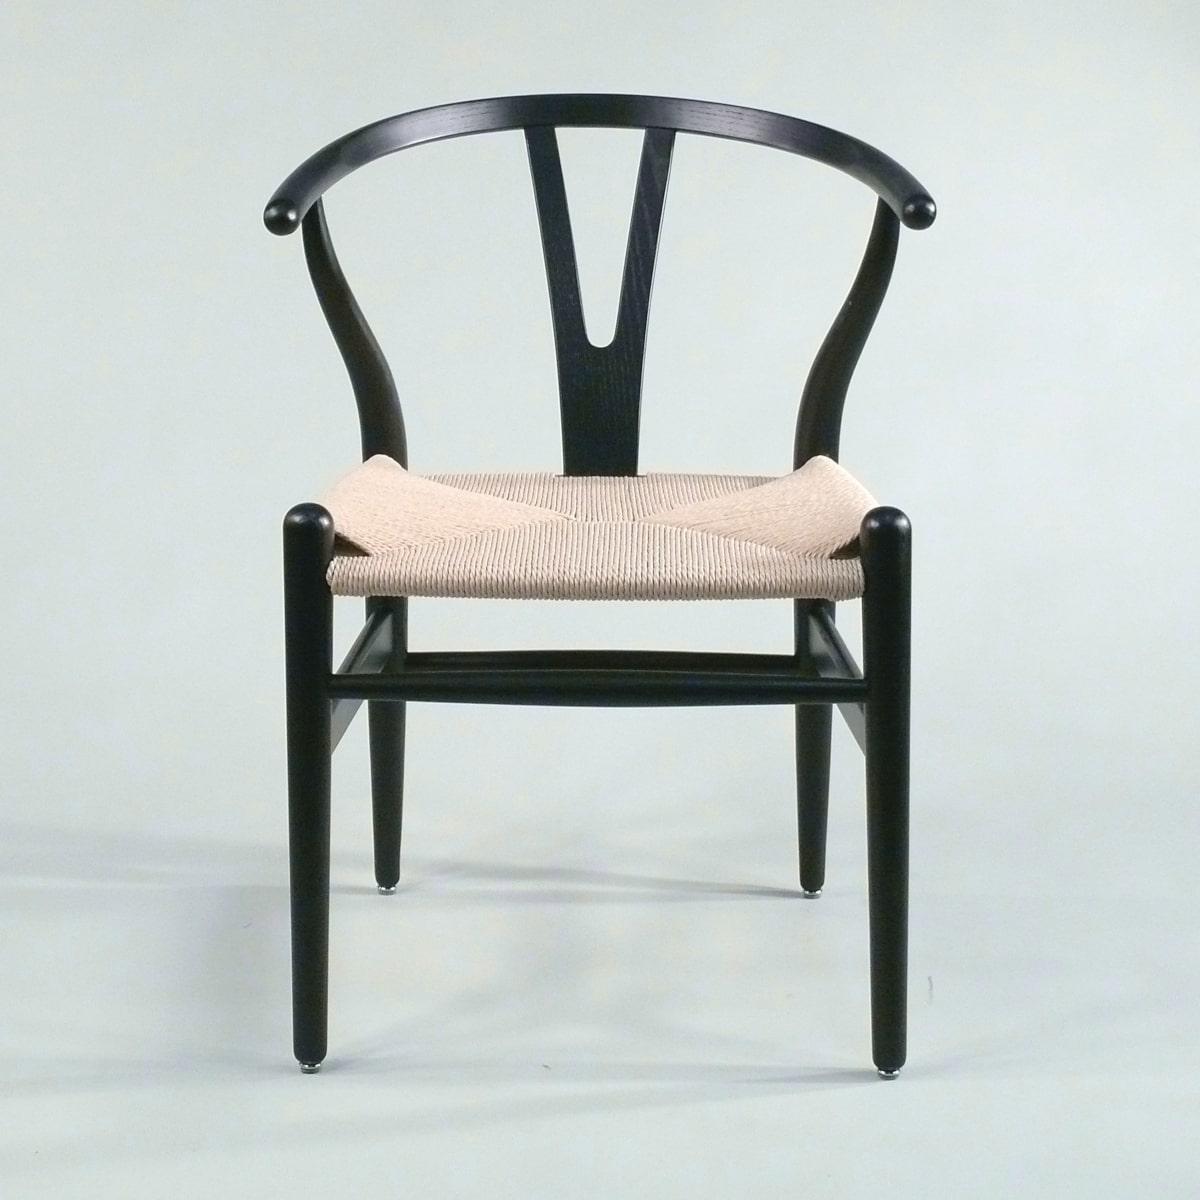 Esszimmerstuhl Holz schwarz Sitz natur